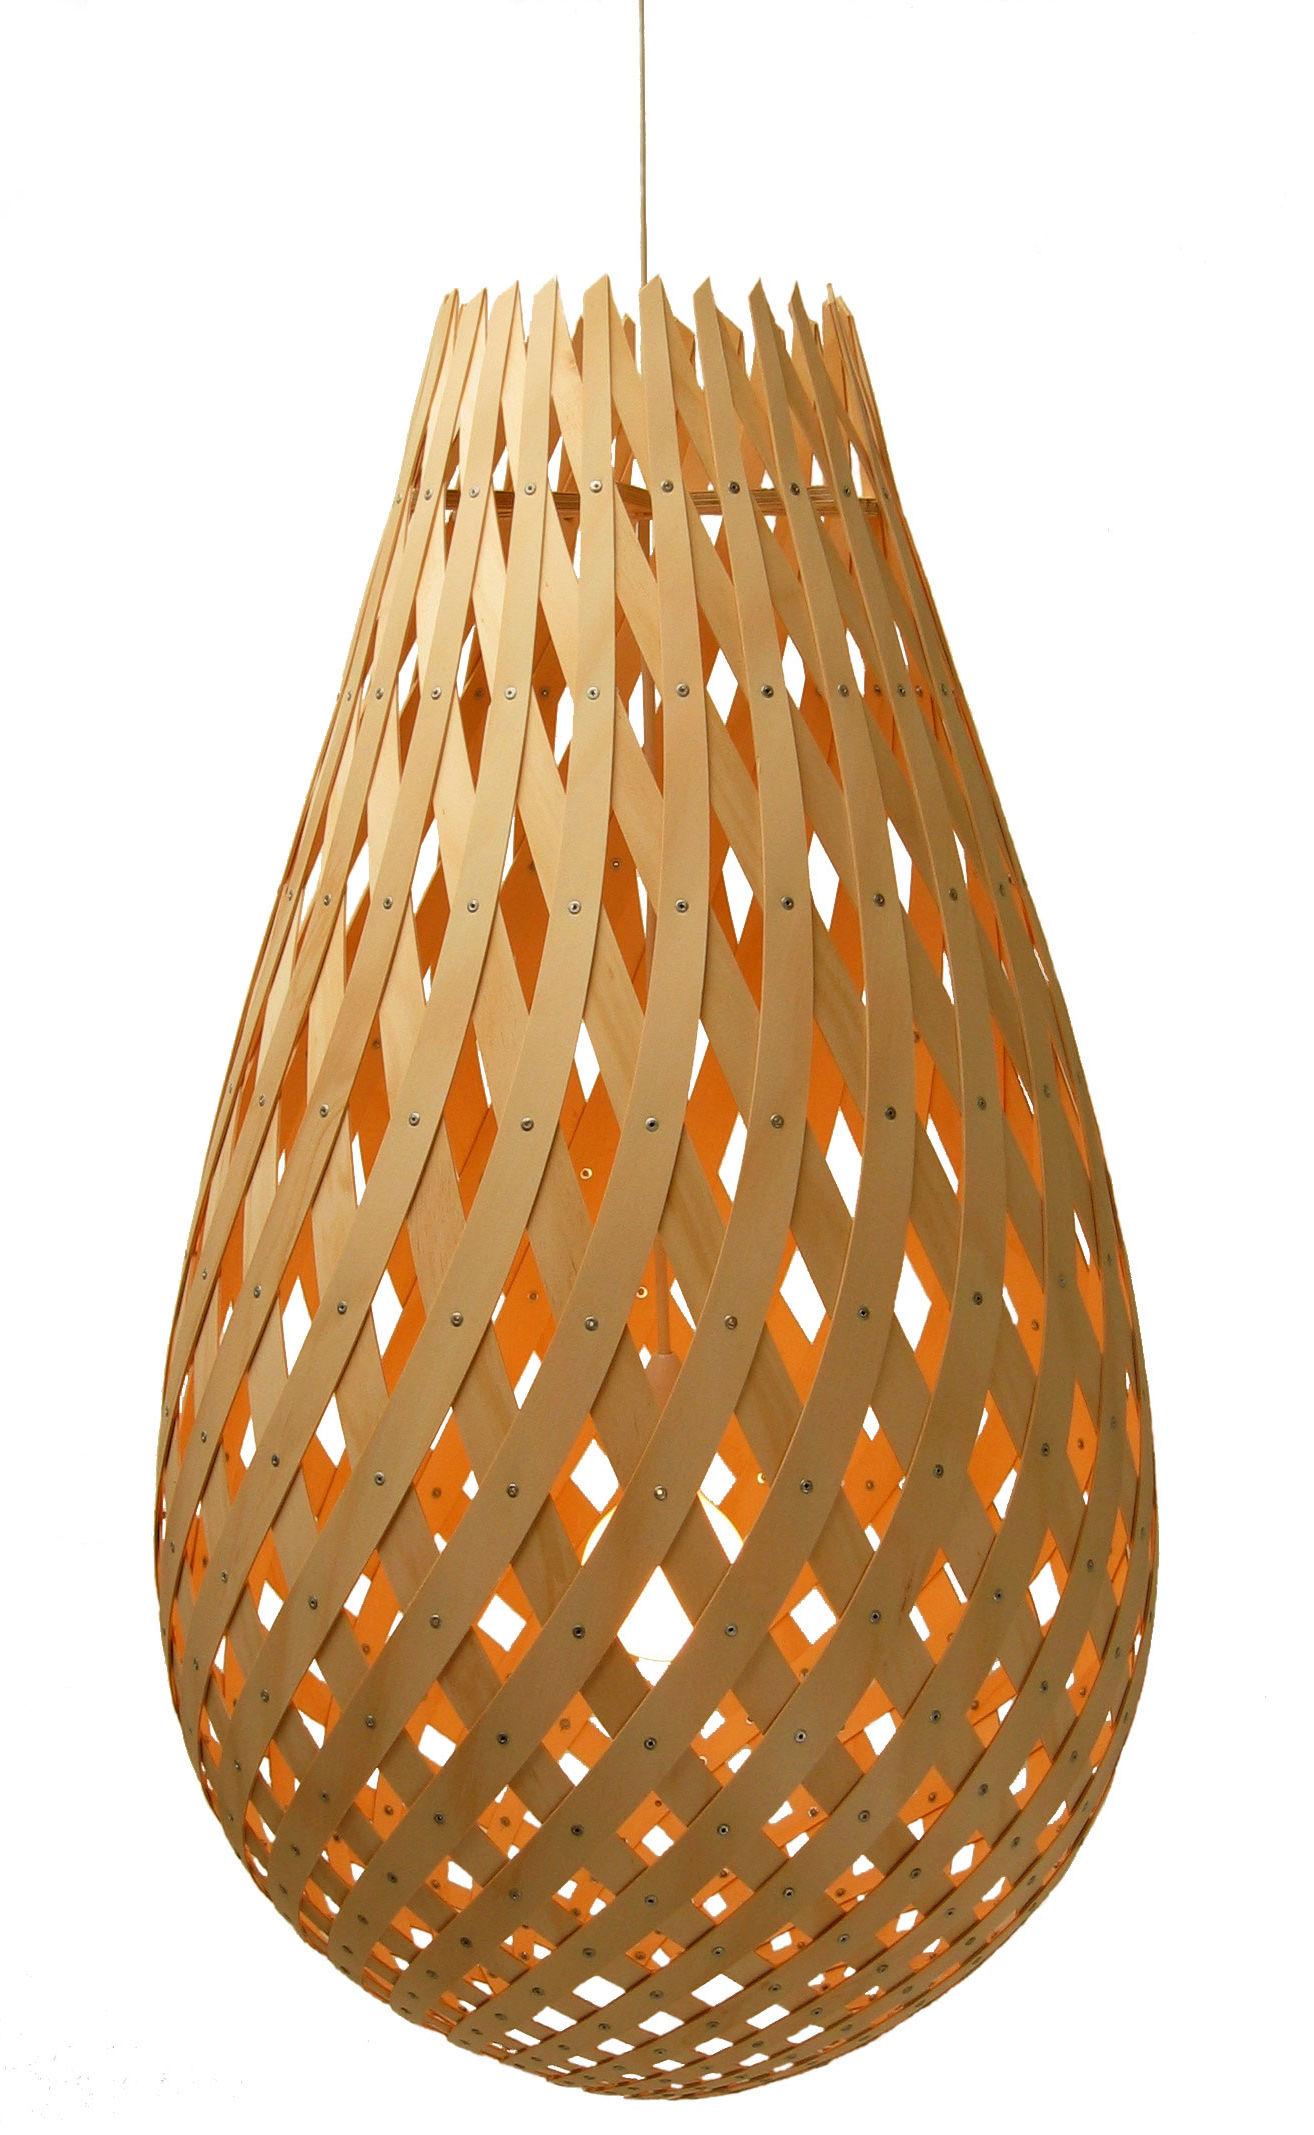 Leuchten - Pendelleuchten - Koura Pendelleuchte Ø 52 cm - David Trubridge - Holz natur - Kiefernfurnier